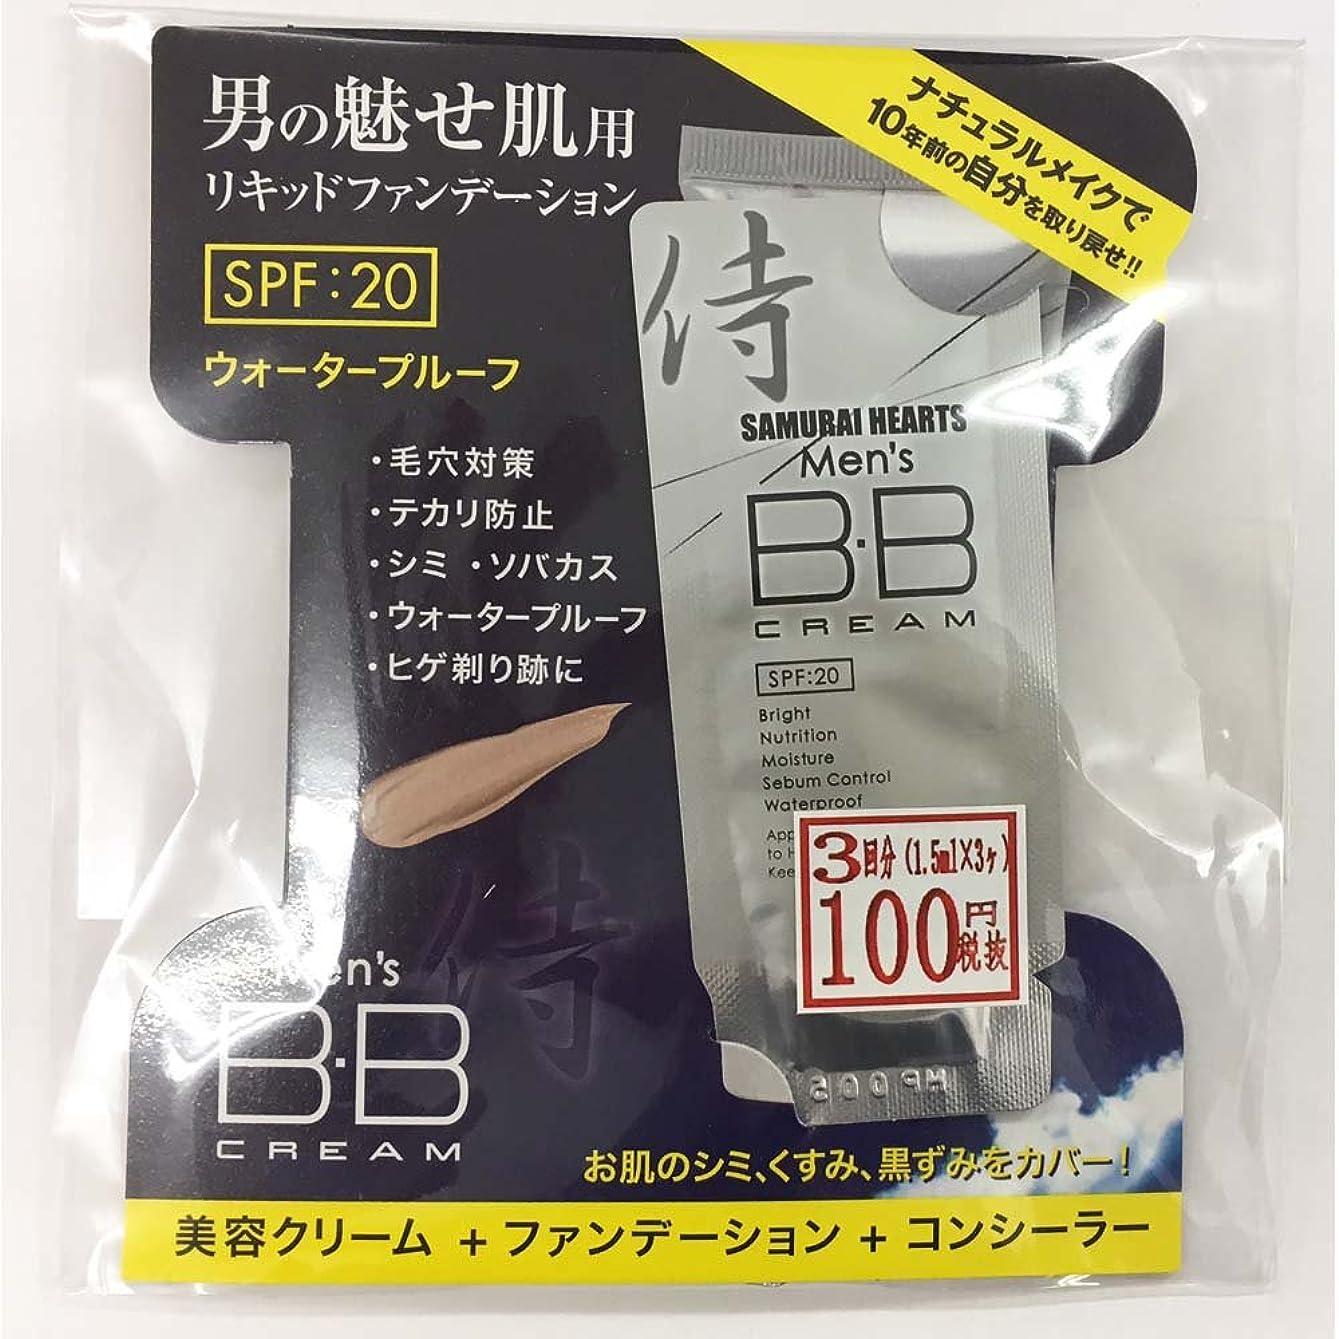 リングエクステントまとめるサムライハーツ BBクリーム SPF20 パウチ1.5ml 3枚入 お試し用